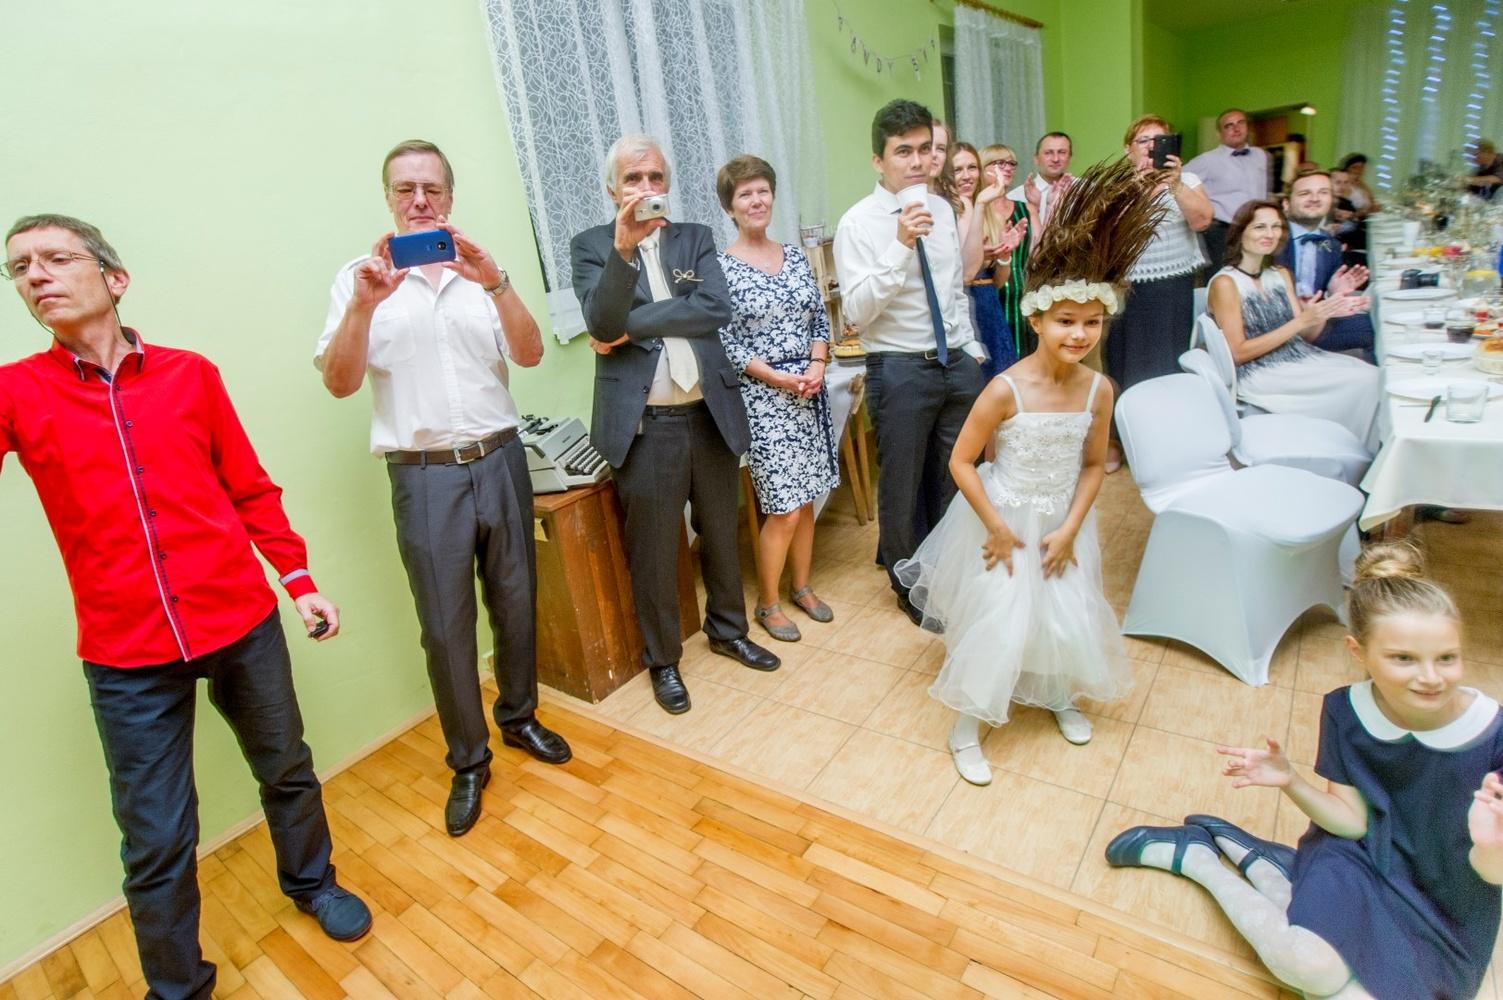 http://www.fotoz.sk/images/gallery-8/normal/eskuvoi-fotos_svadobny-fotograf_533.jpg